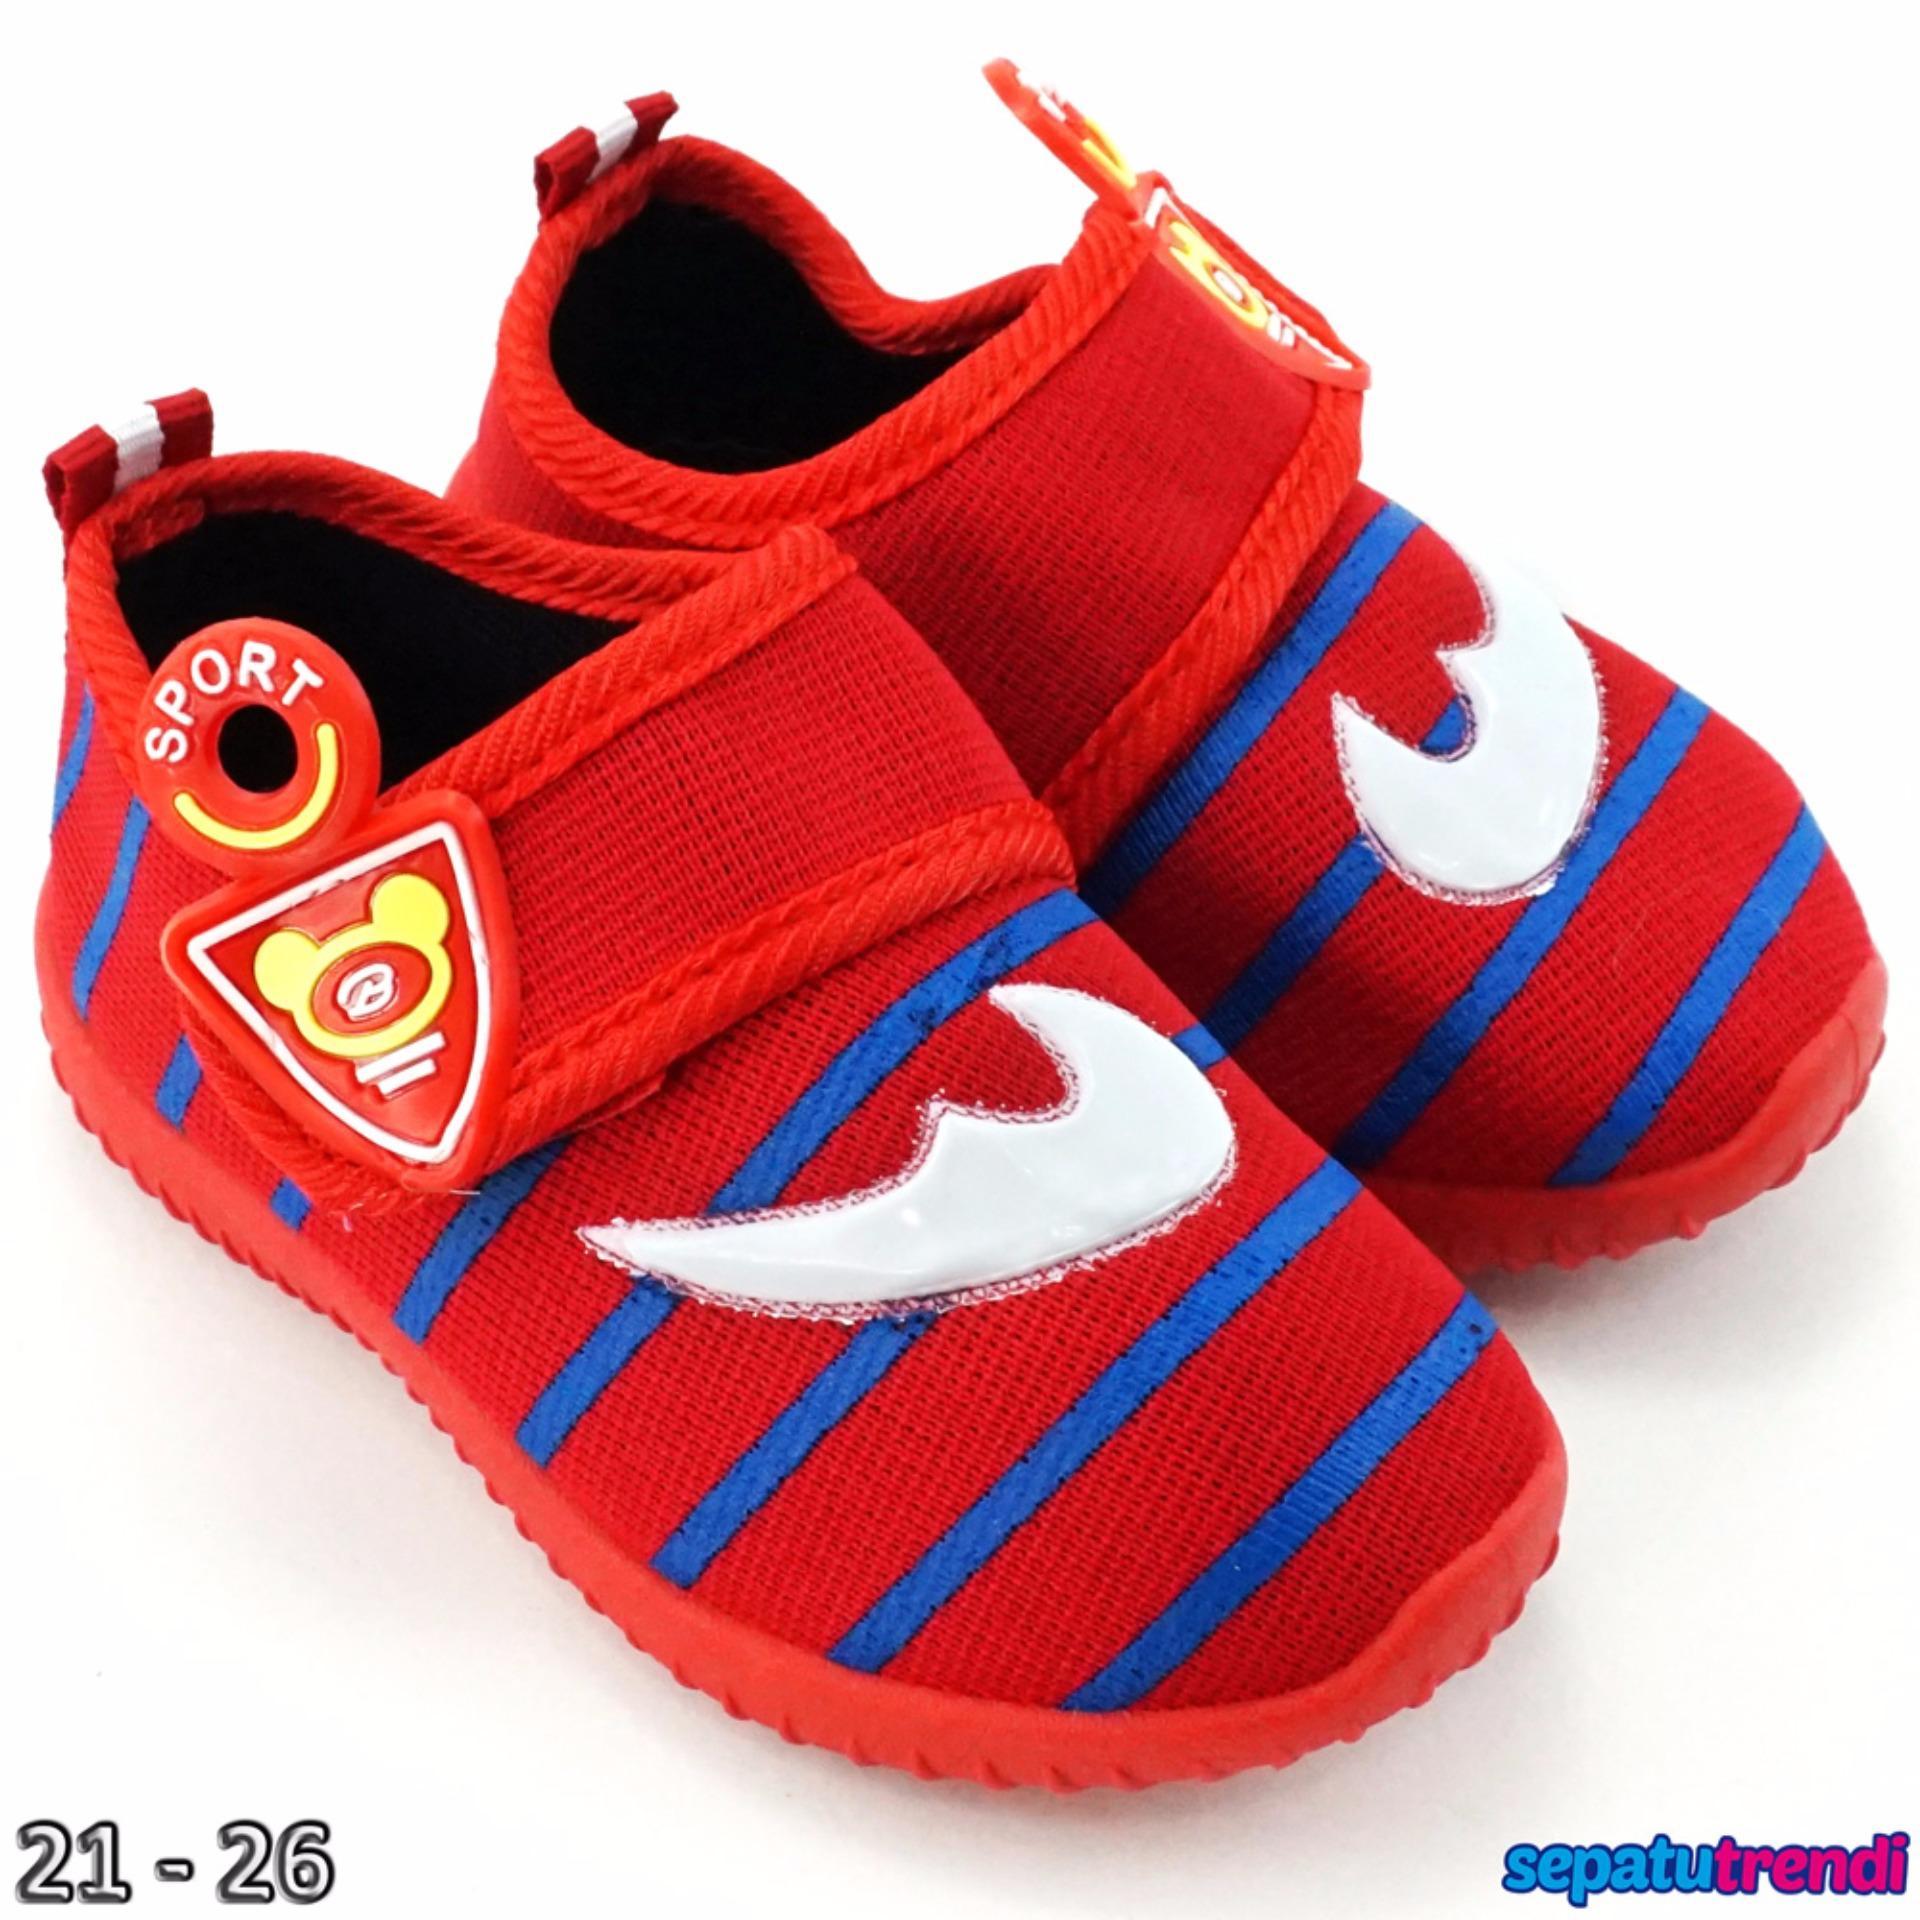 Spesifikasi Trendishoes Sepatu Anak Bayi Cowo Velcro Boomerang Rdcnik Merah Terbaru